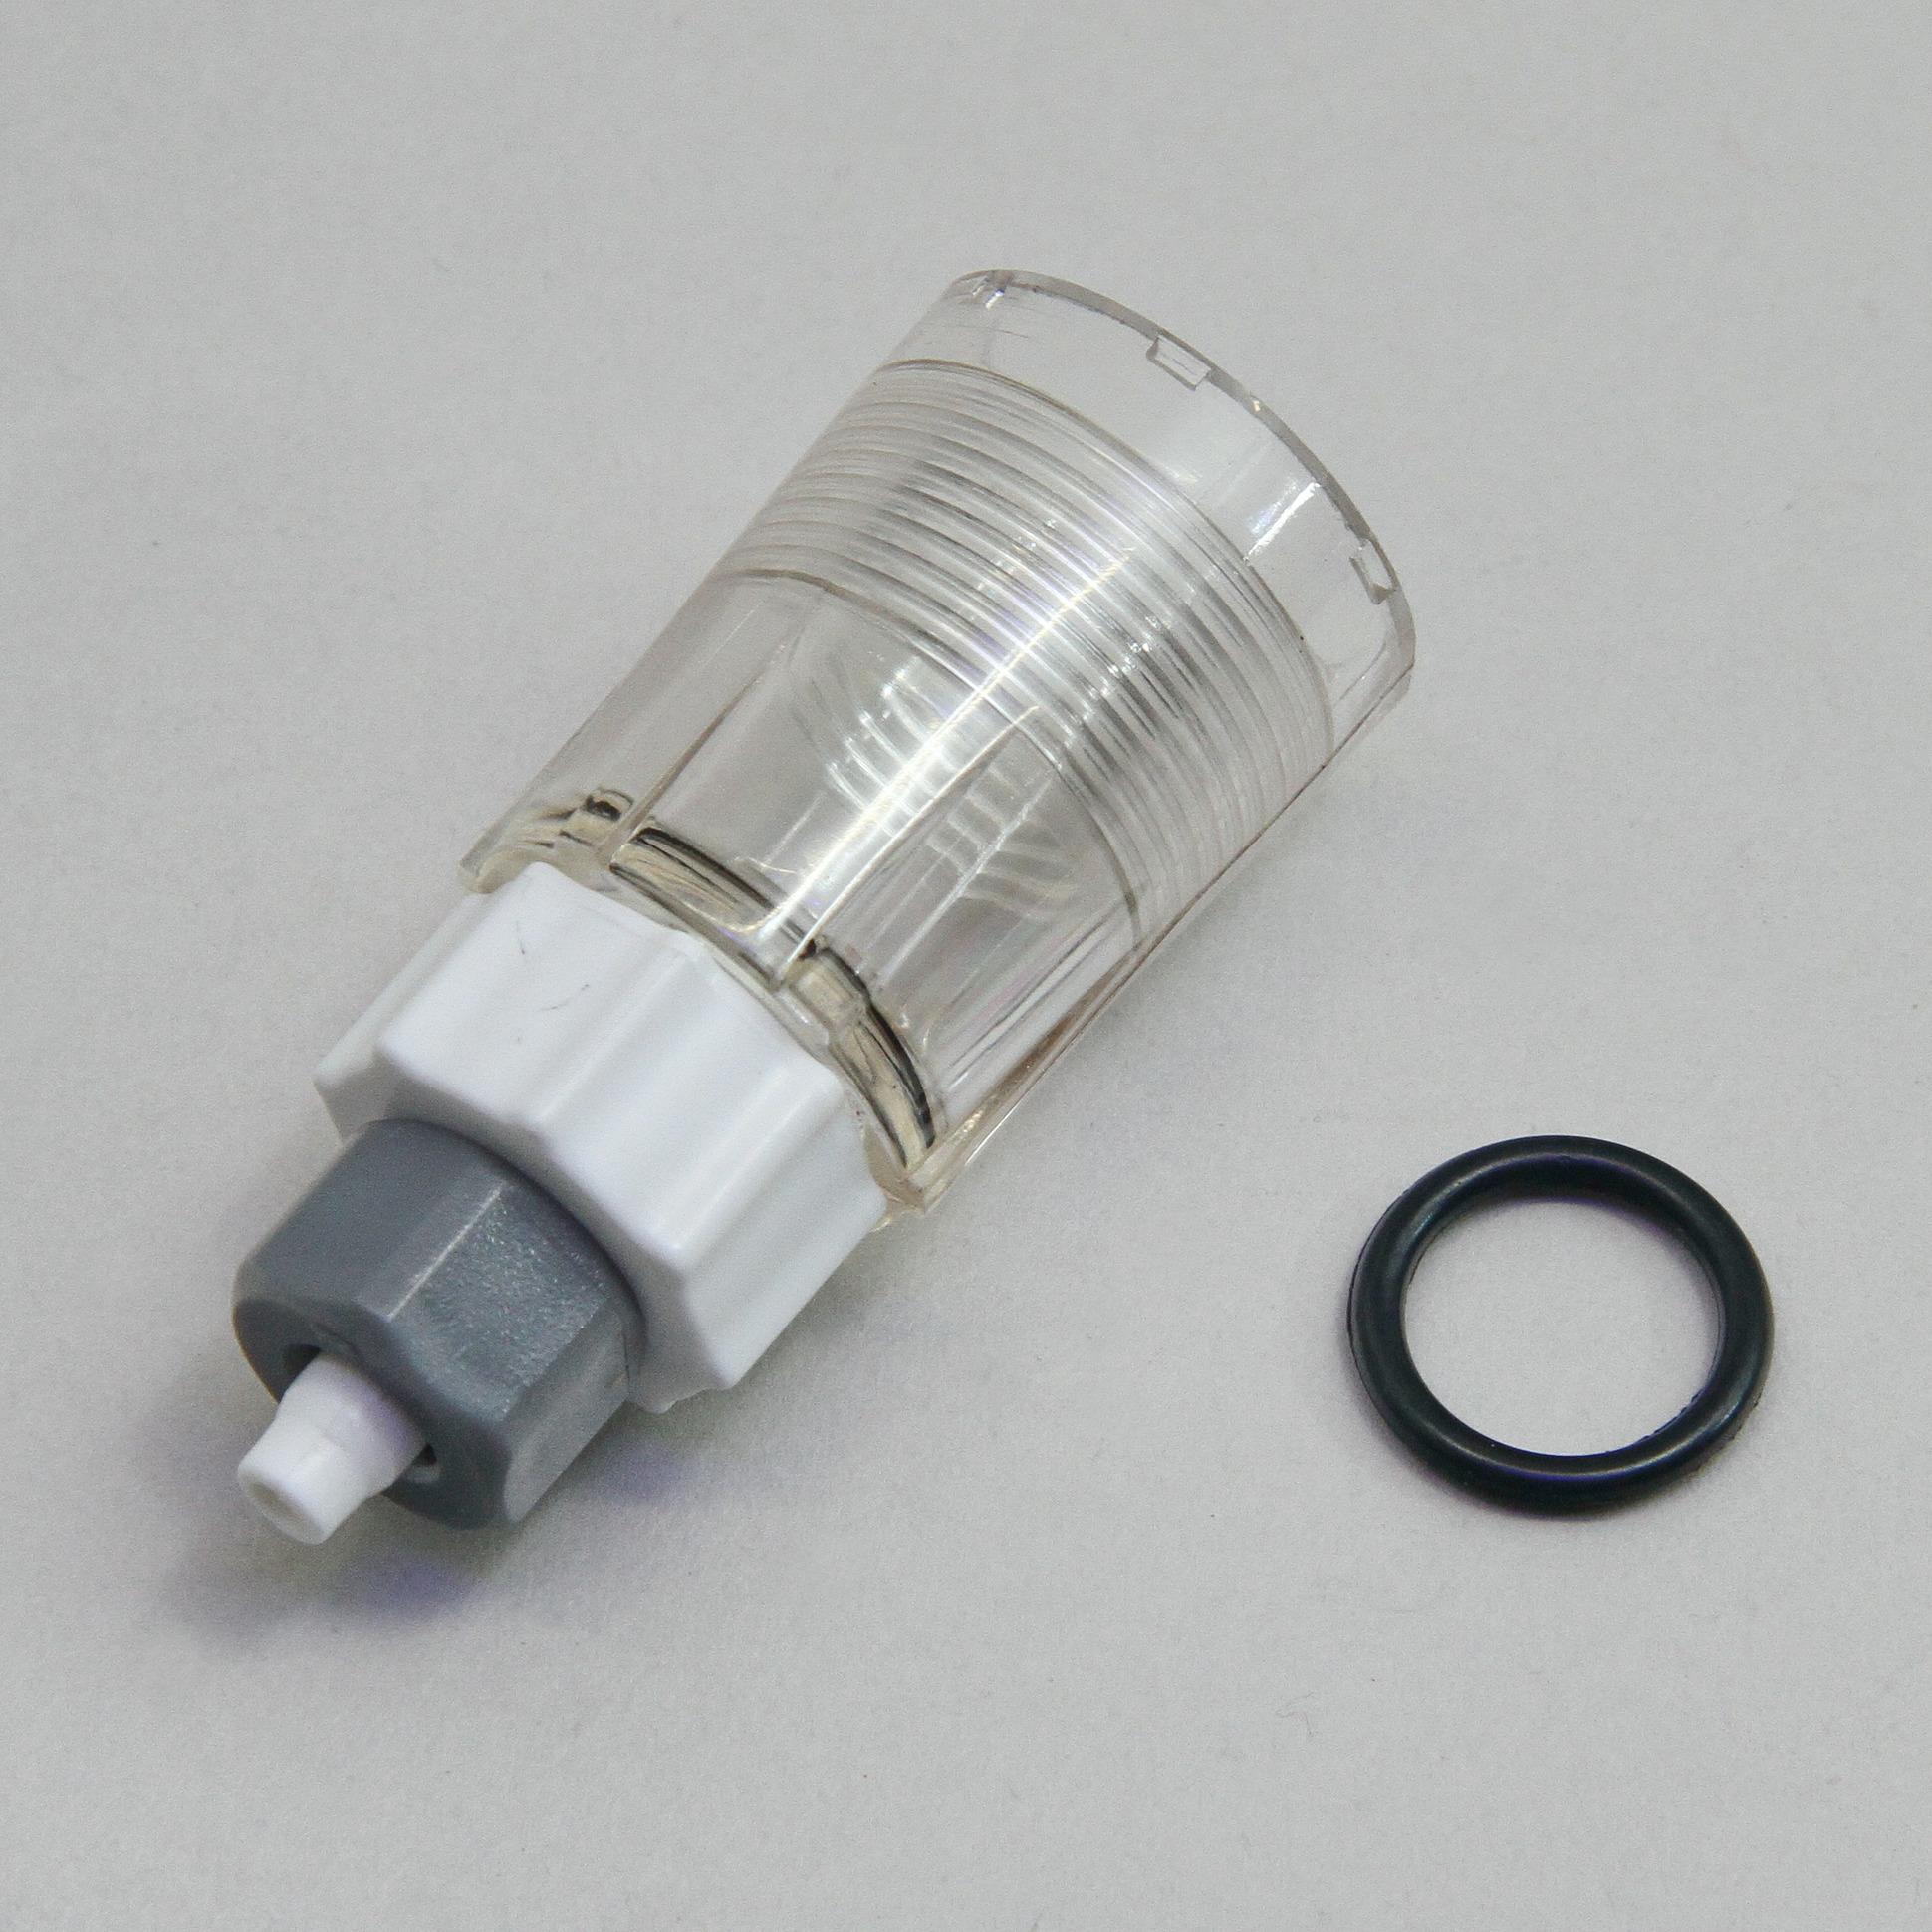 jbl-proflora-direct-compte-bulles-avec-anti-retour-pour-diffuseurs-co2-proflora-direct